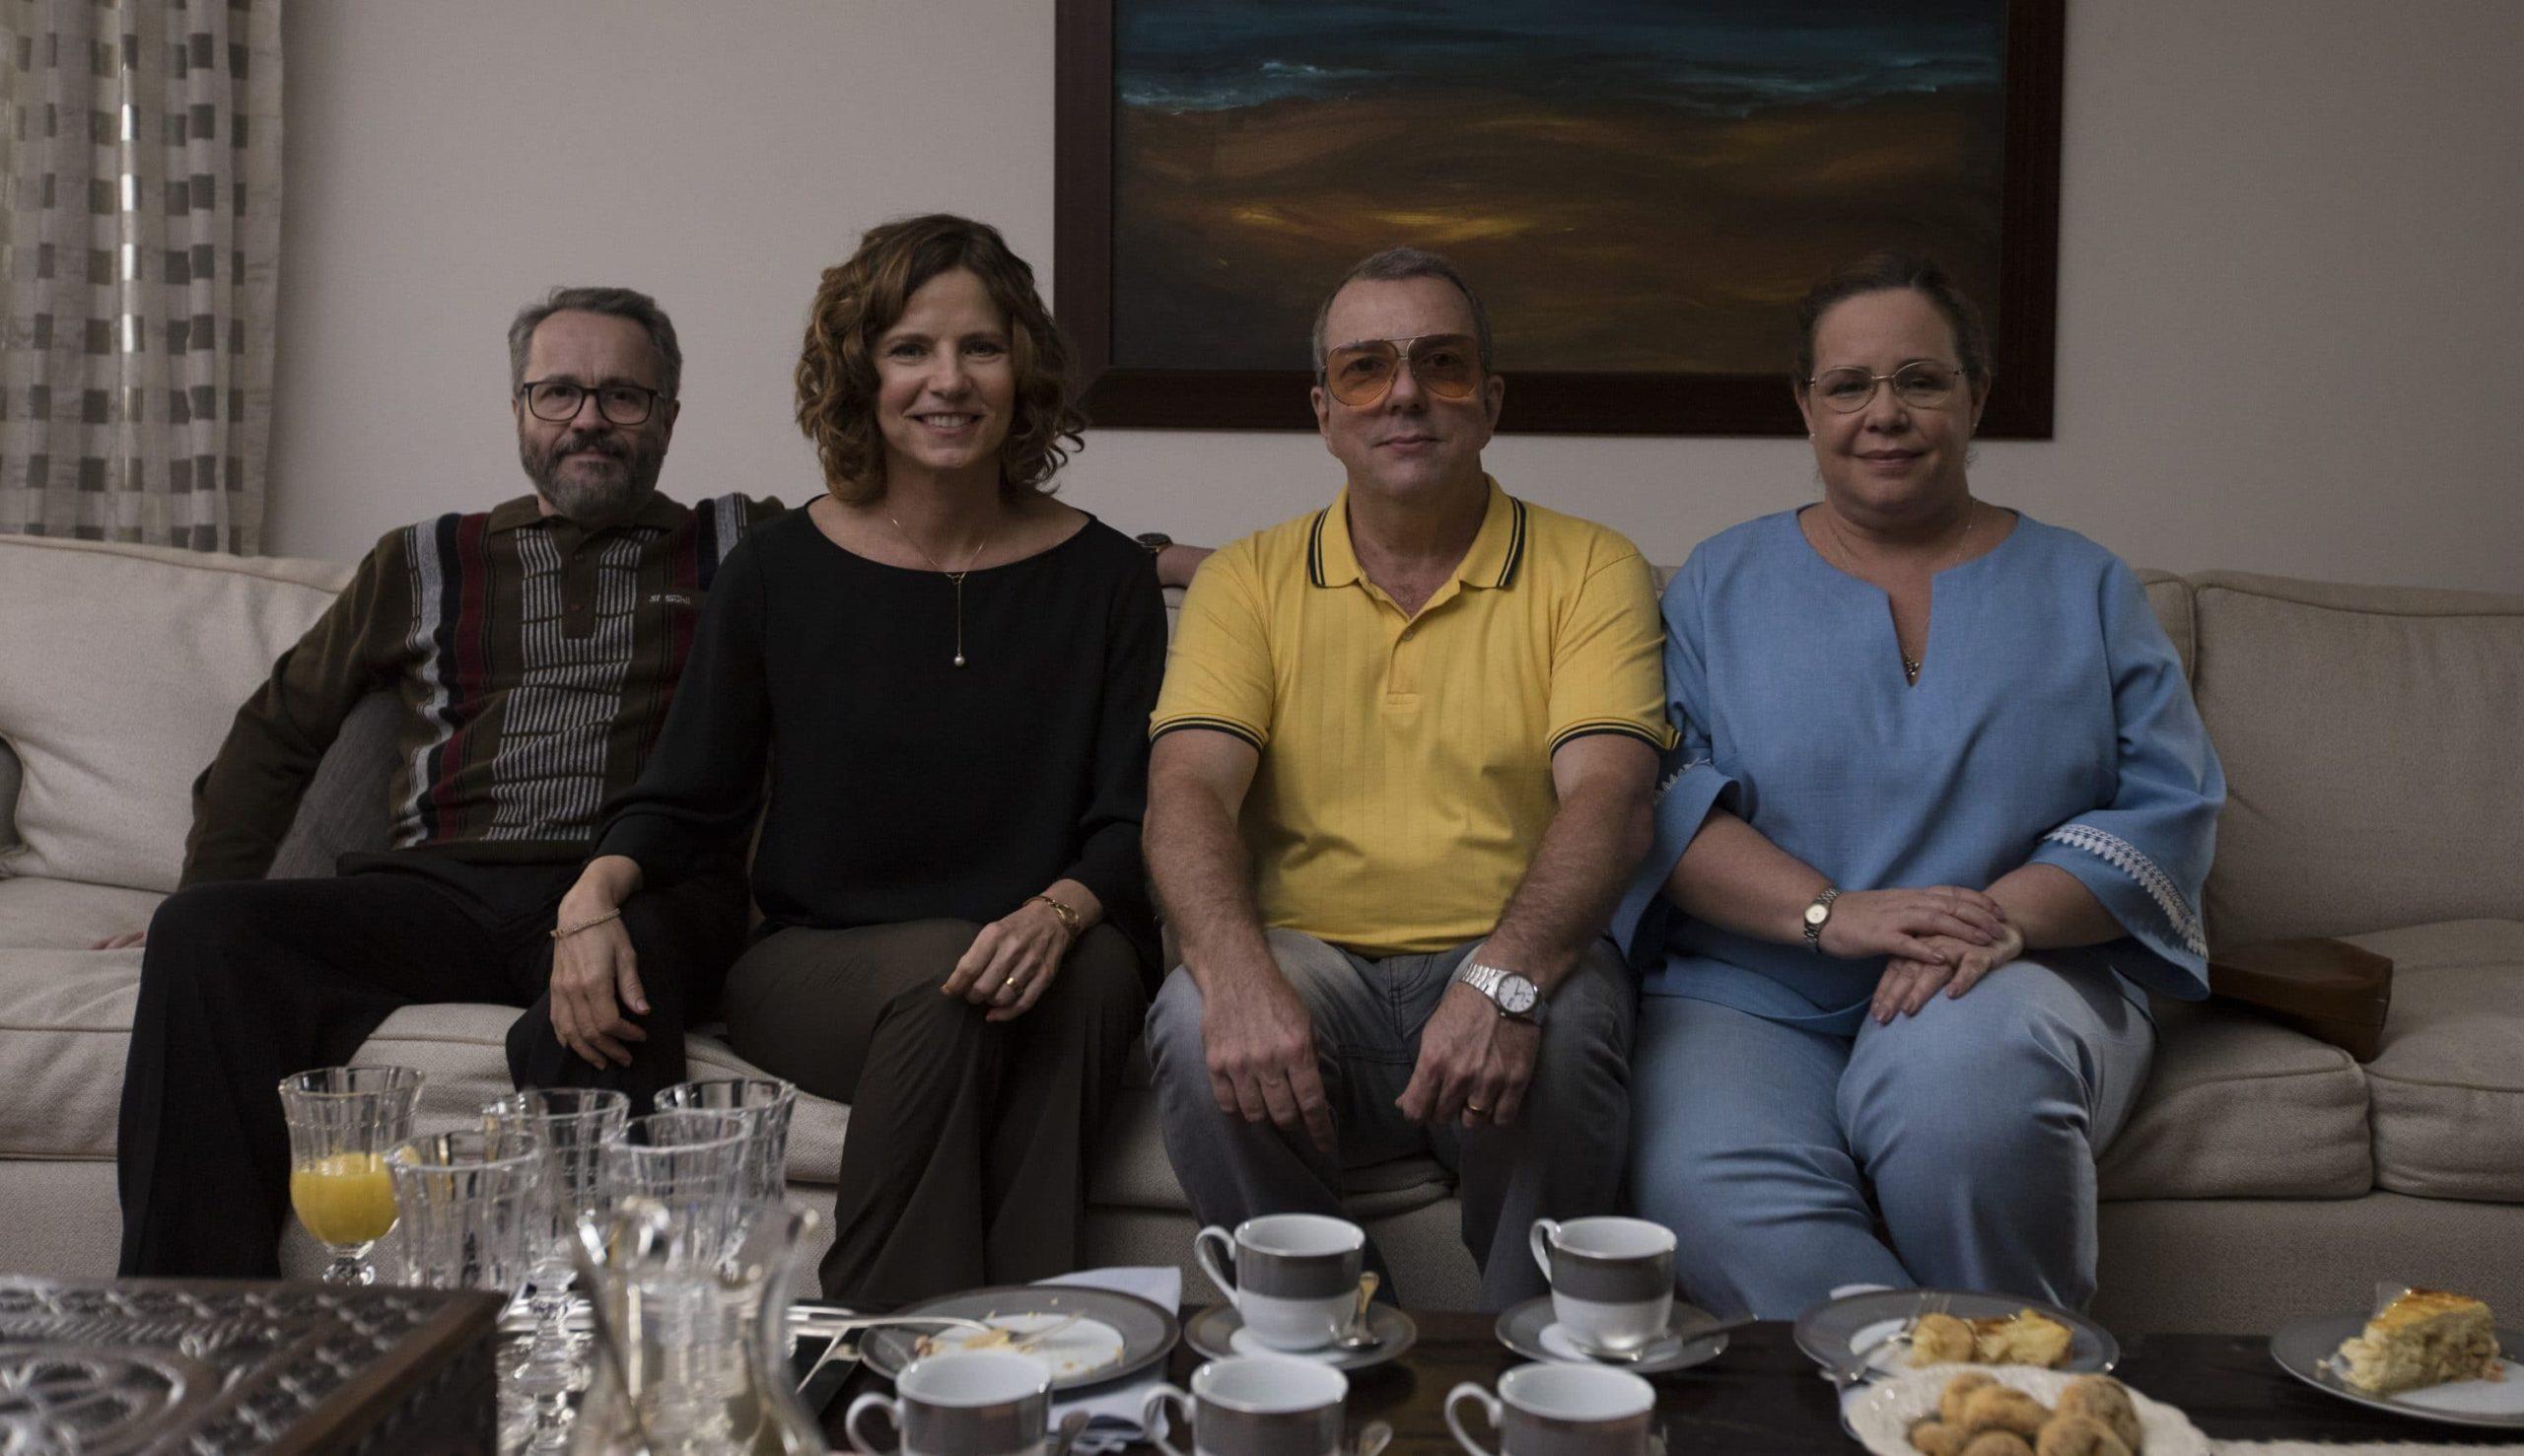 Cena do filme A Menina que Matou os Pais. Nela vemos 4 pessoas brancas sentadas em um sofá. Todas são adultas, perto da meia idade. Da esquerda para direita estão Manfred, Marísia, Astrogildo e Nadja.